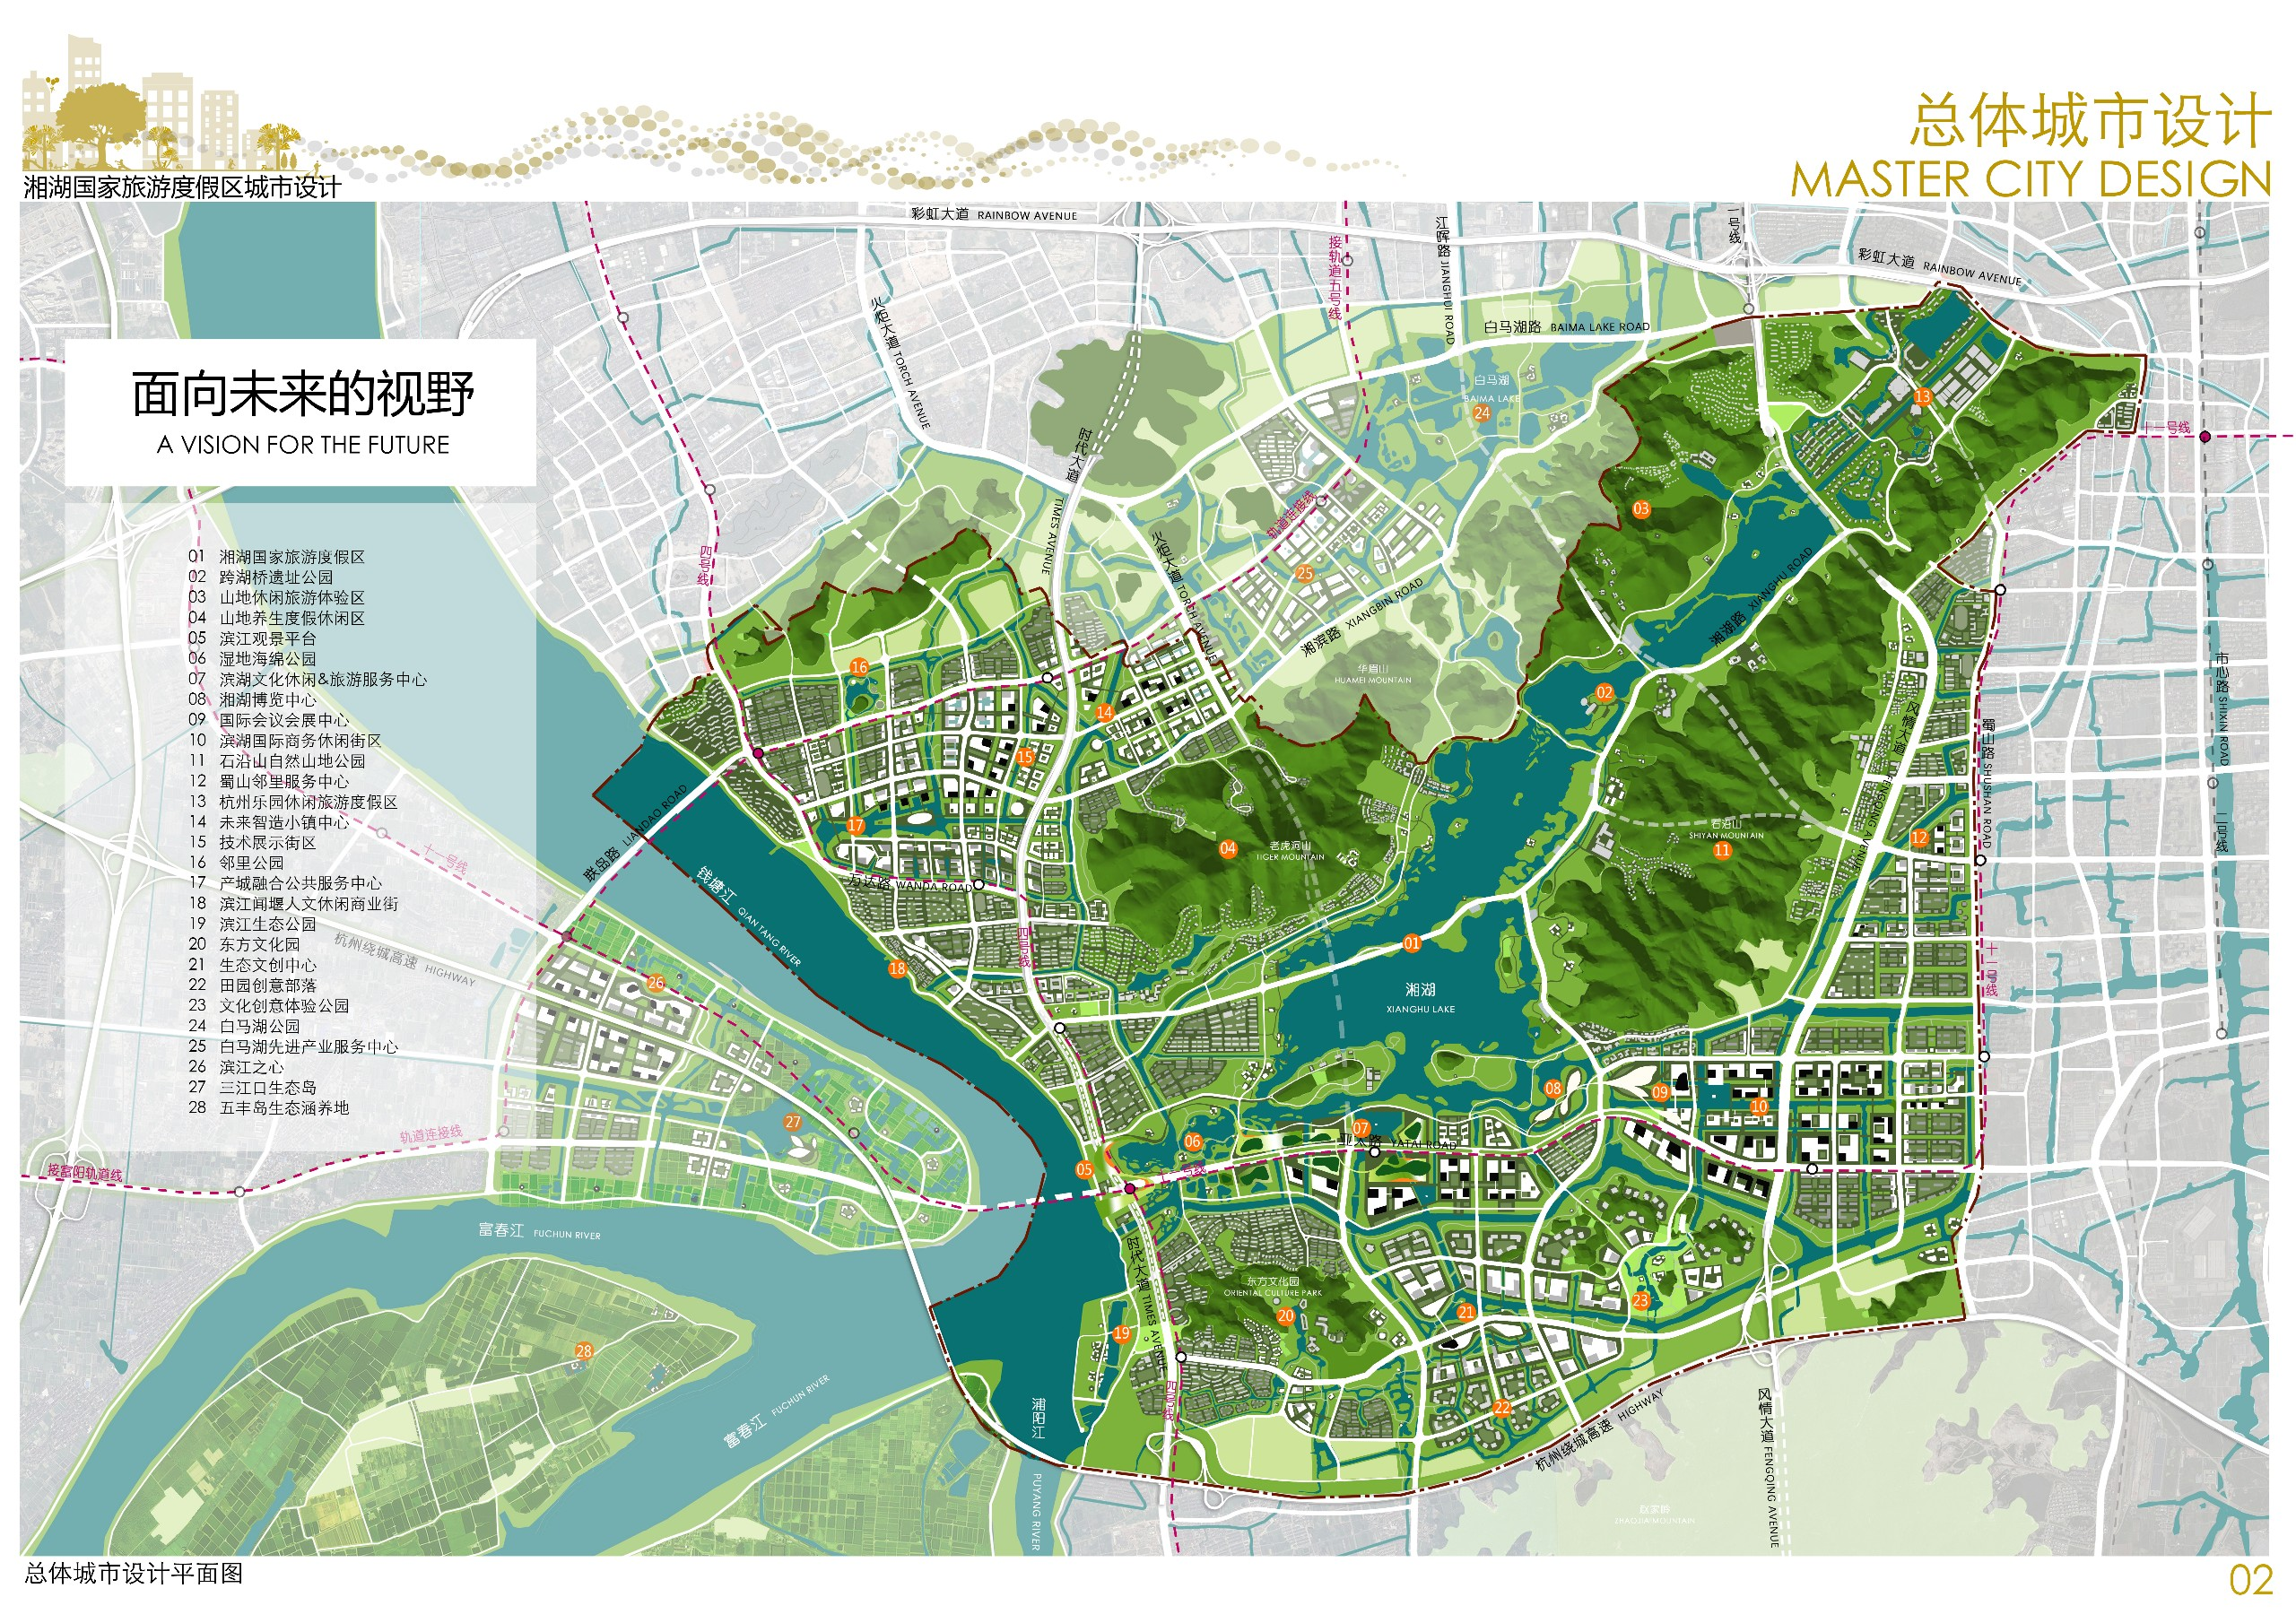 湘湖管委会将会同本次城市设计征集活动组织方杭州市城市规划设计院将